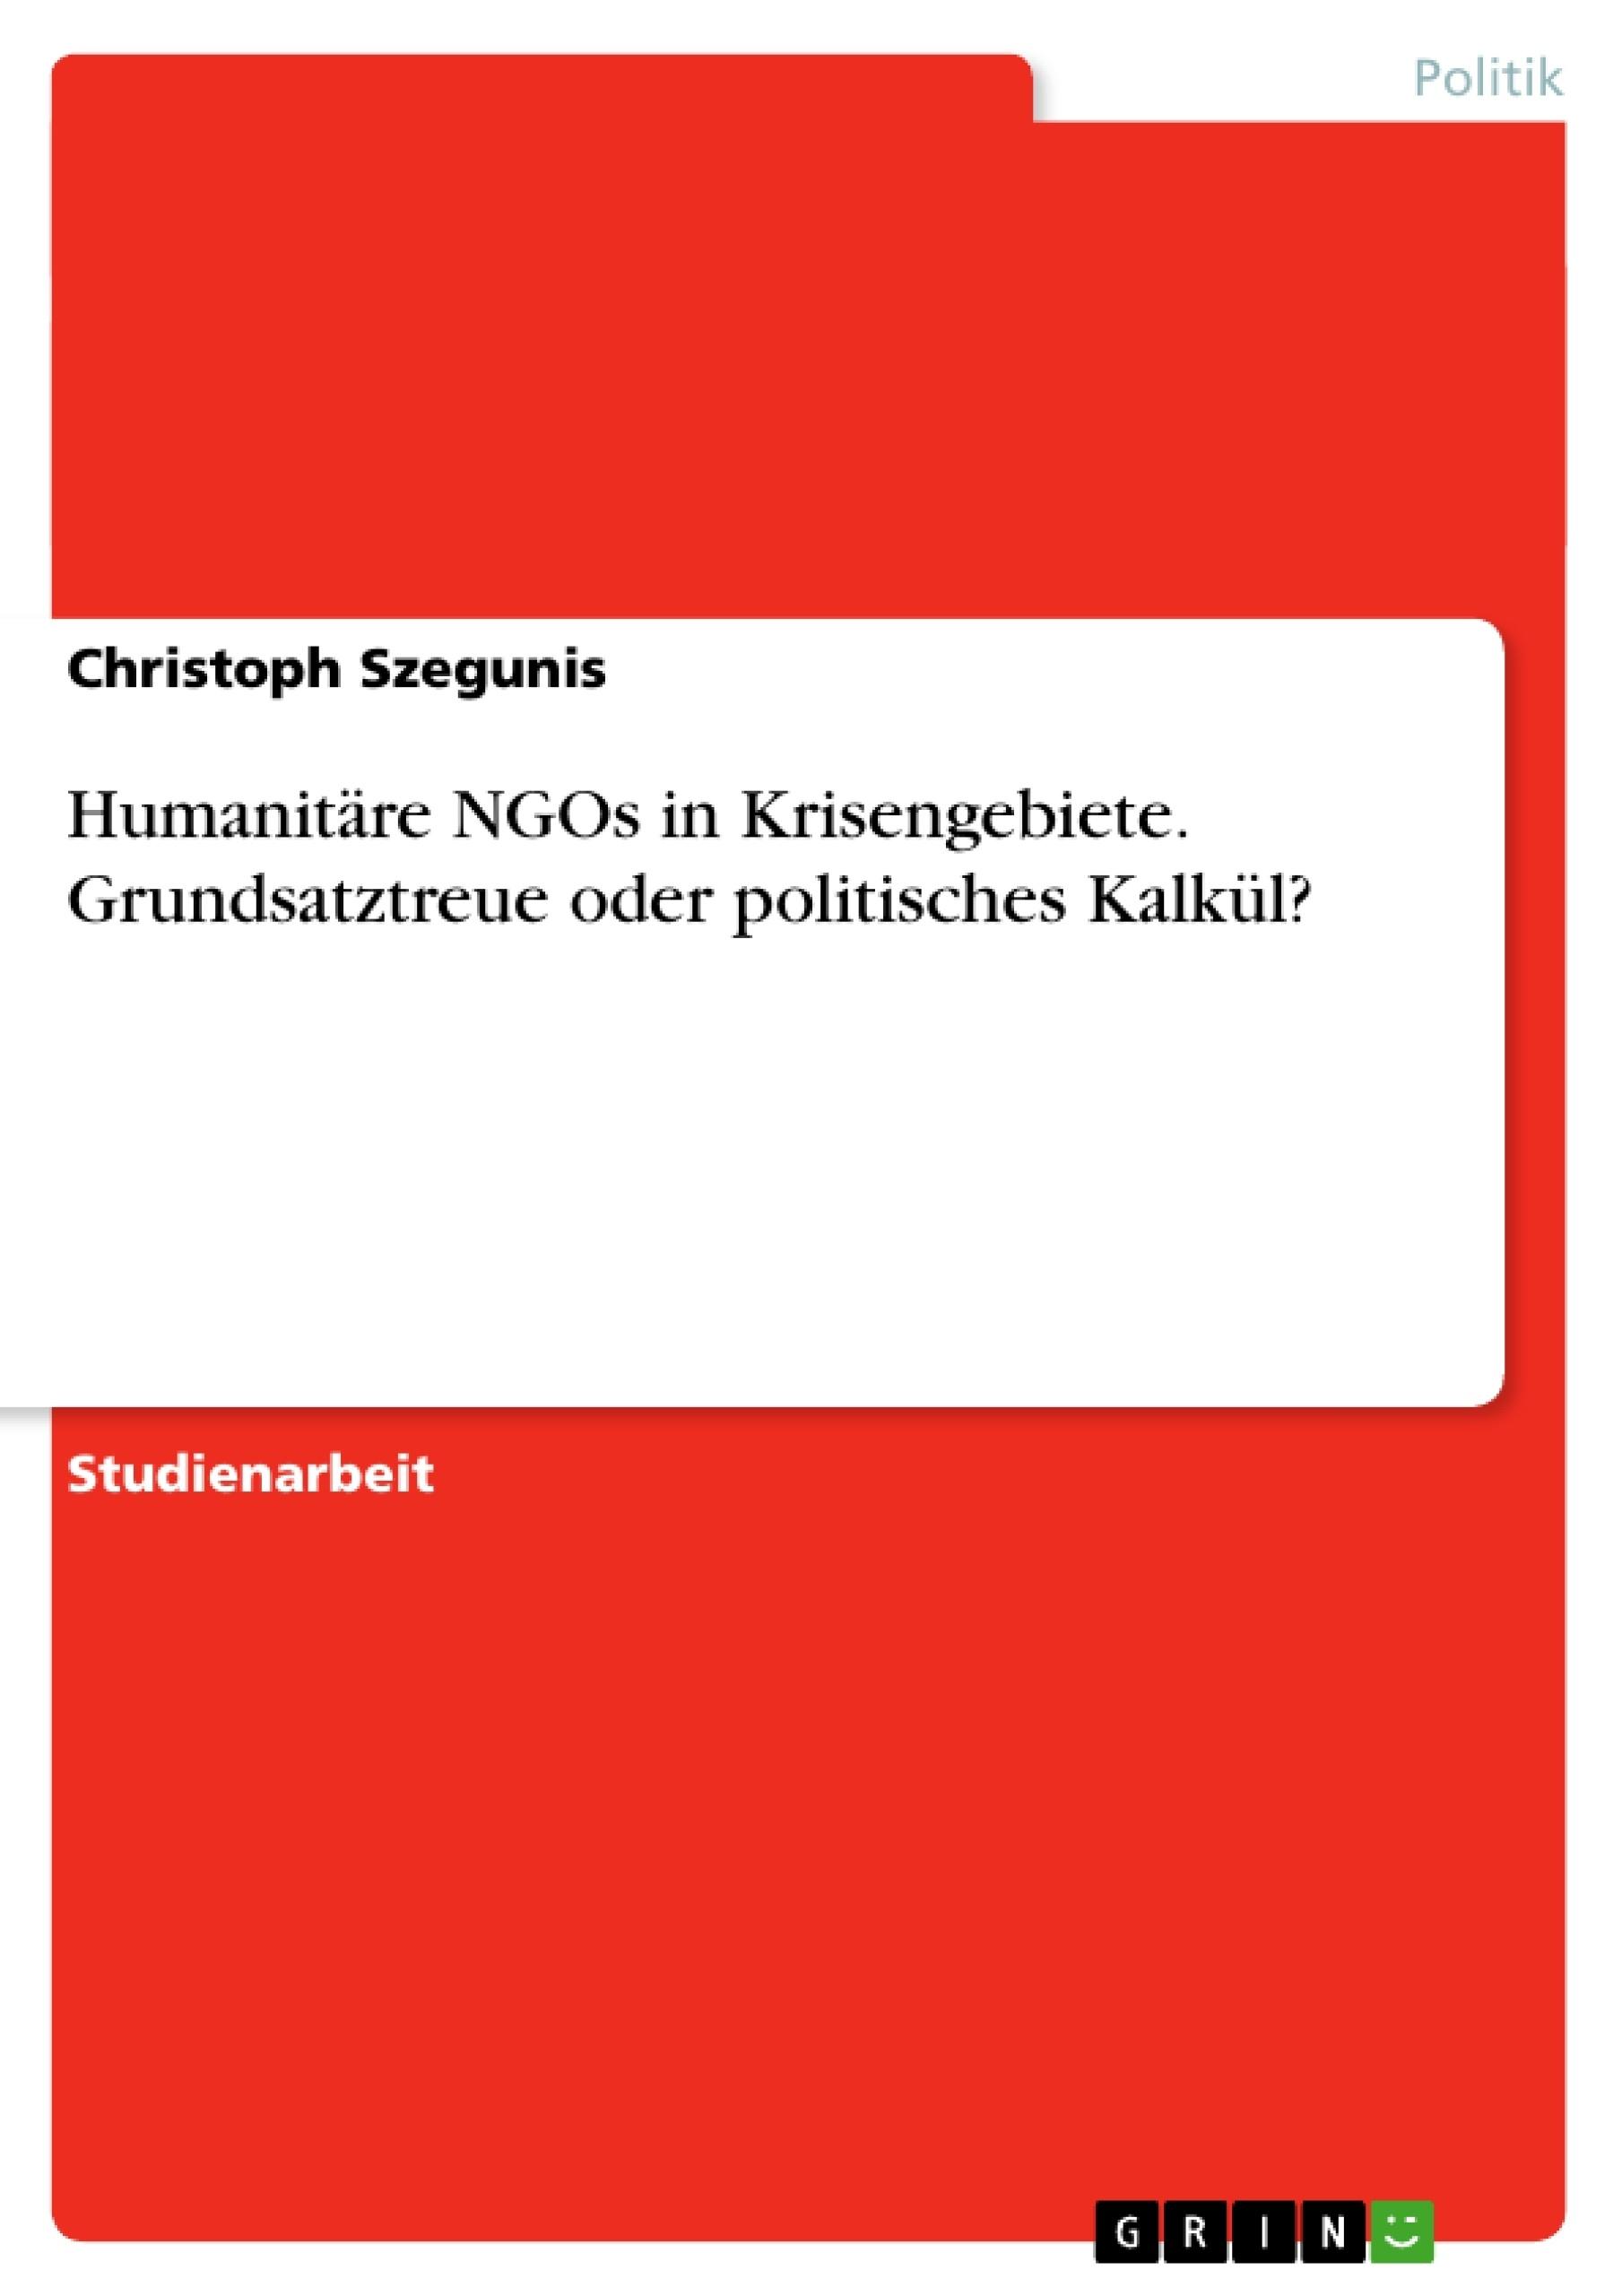 Titel: Humanitäre NGOs in Krisengebiete. Grundsatztreue oder politisches Kalkül?